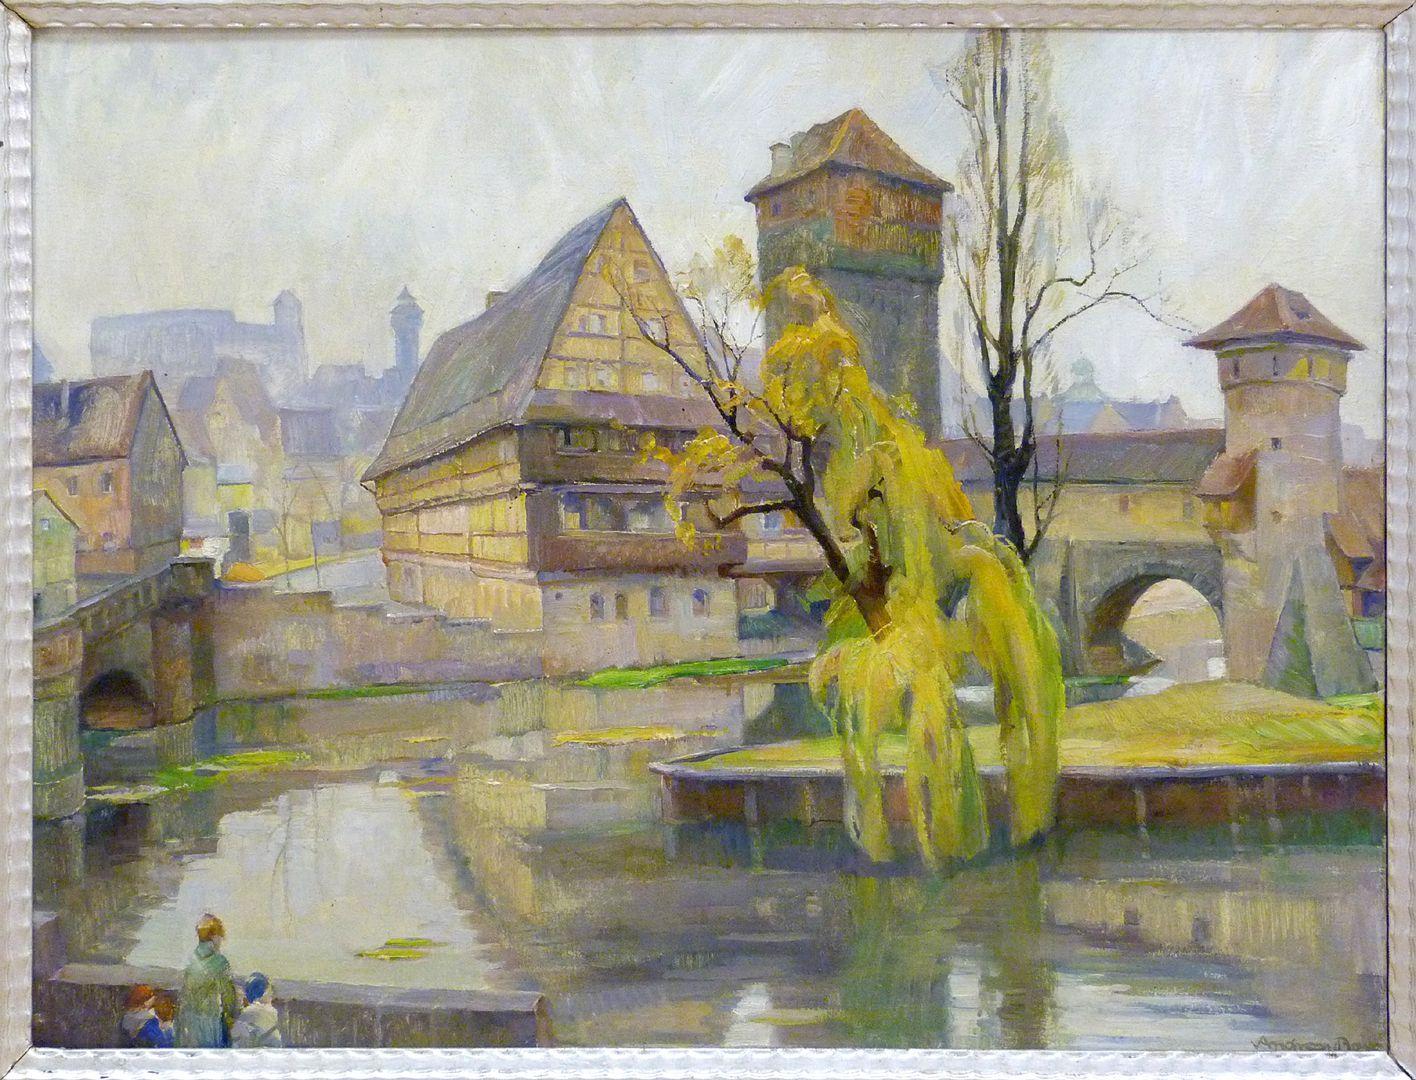 Weinstadel links Maxbrücke, mitte Weinstadel mit Wasserturm, rechts Henkerswohnung und kleiner Henkerturm